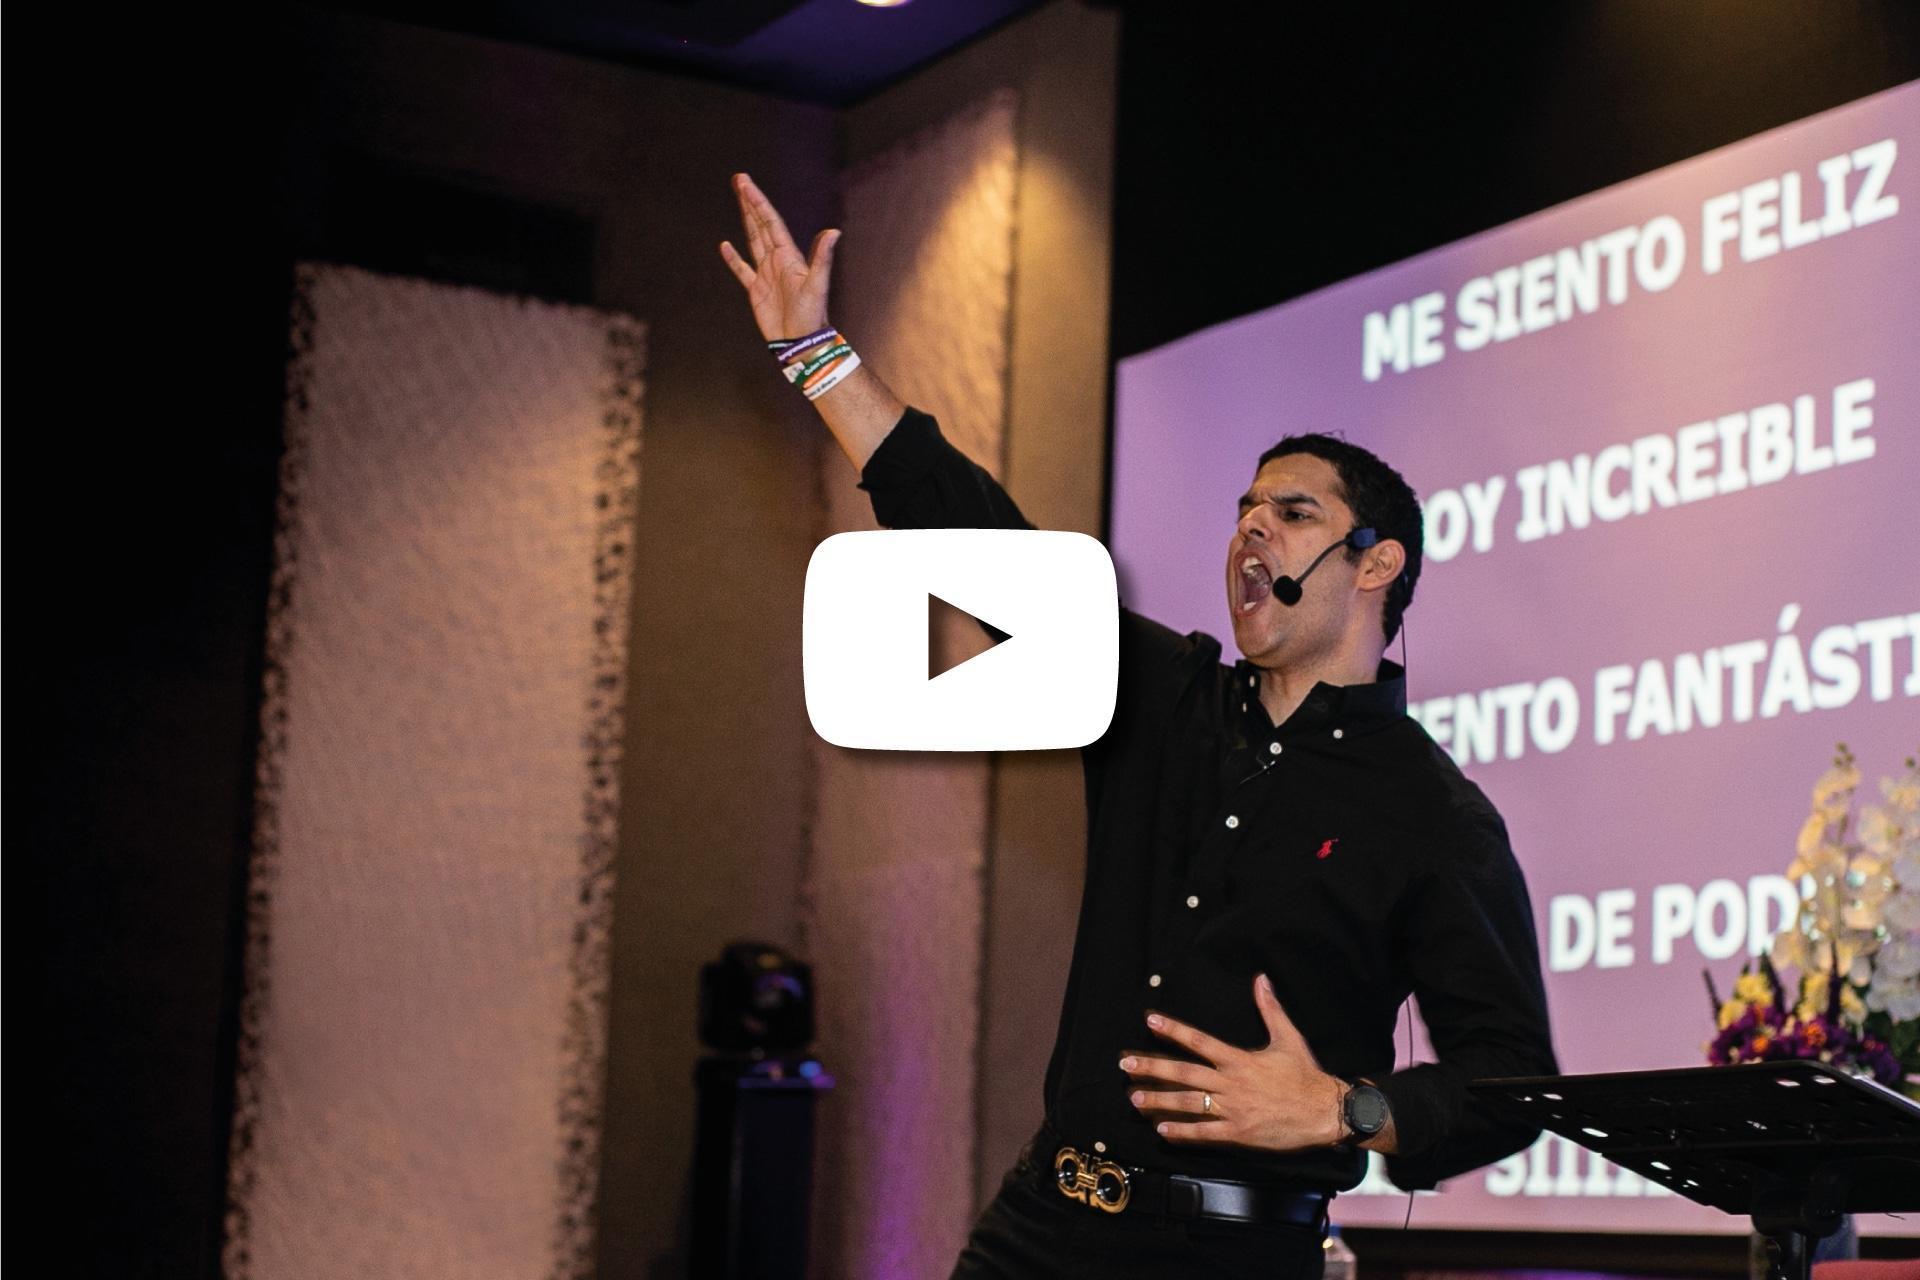 canal de youtube bolivar mendieta